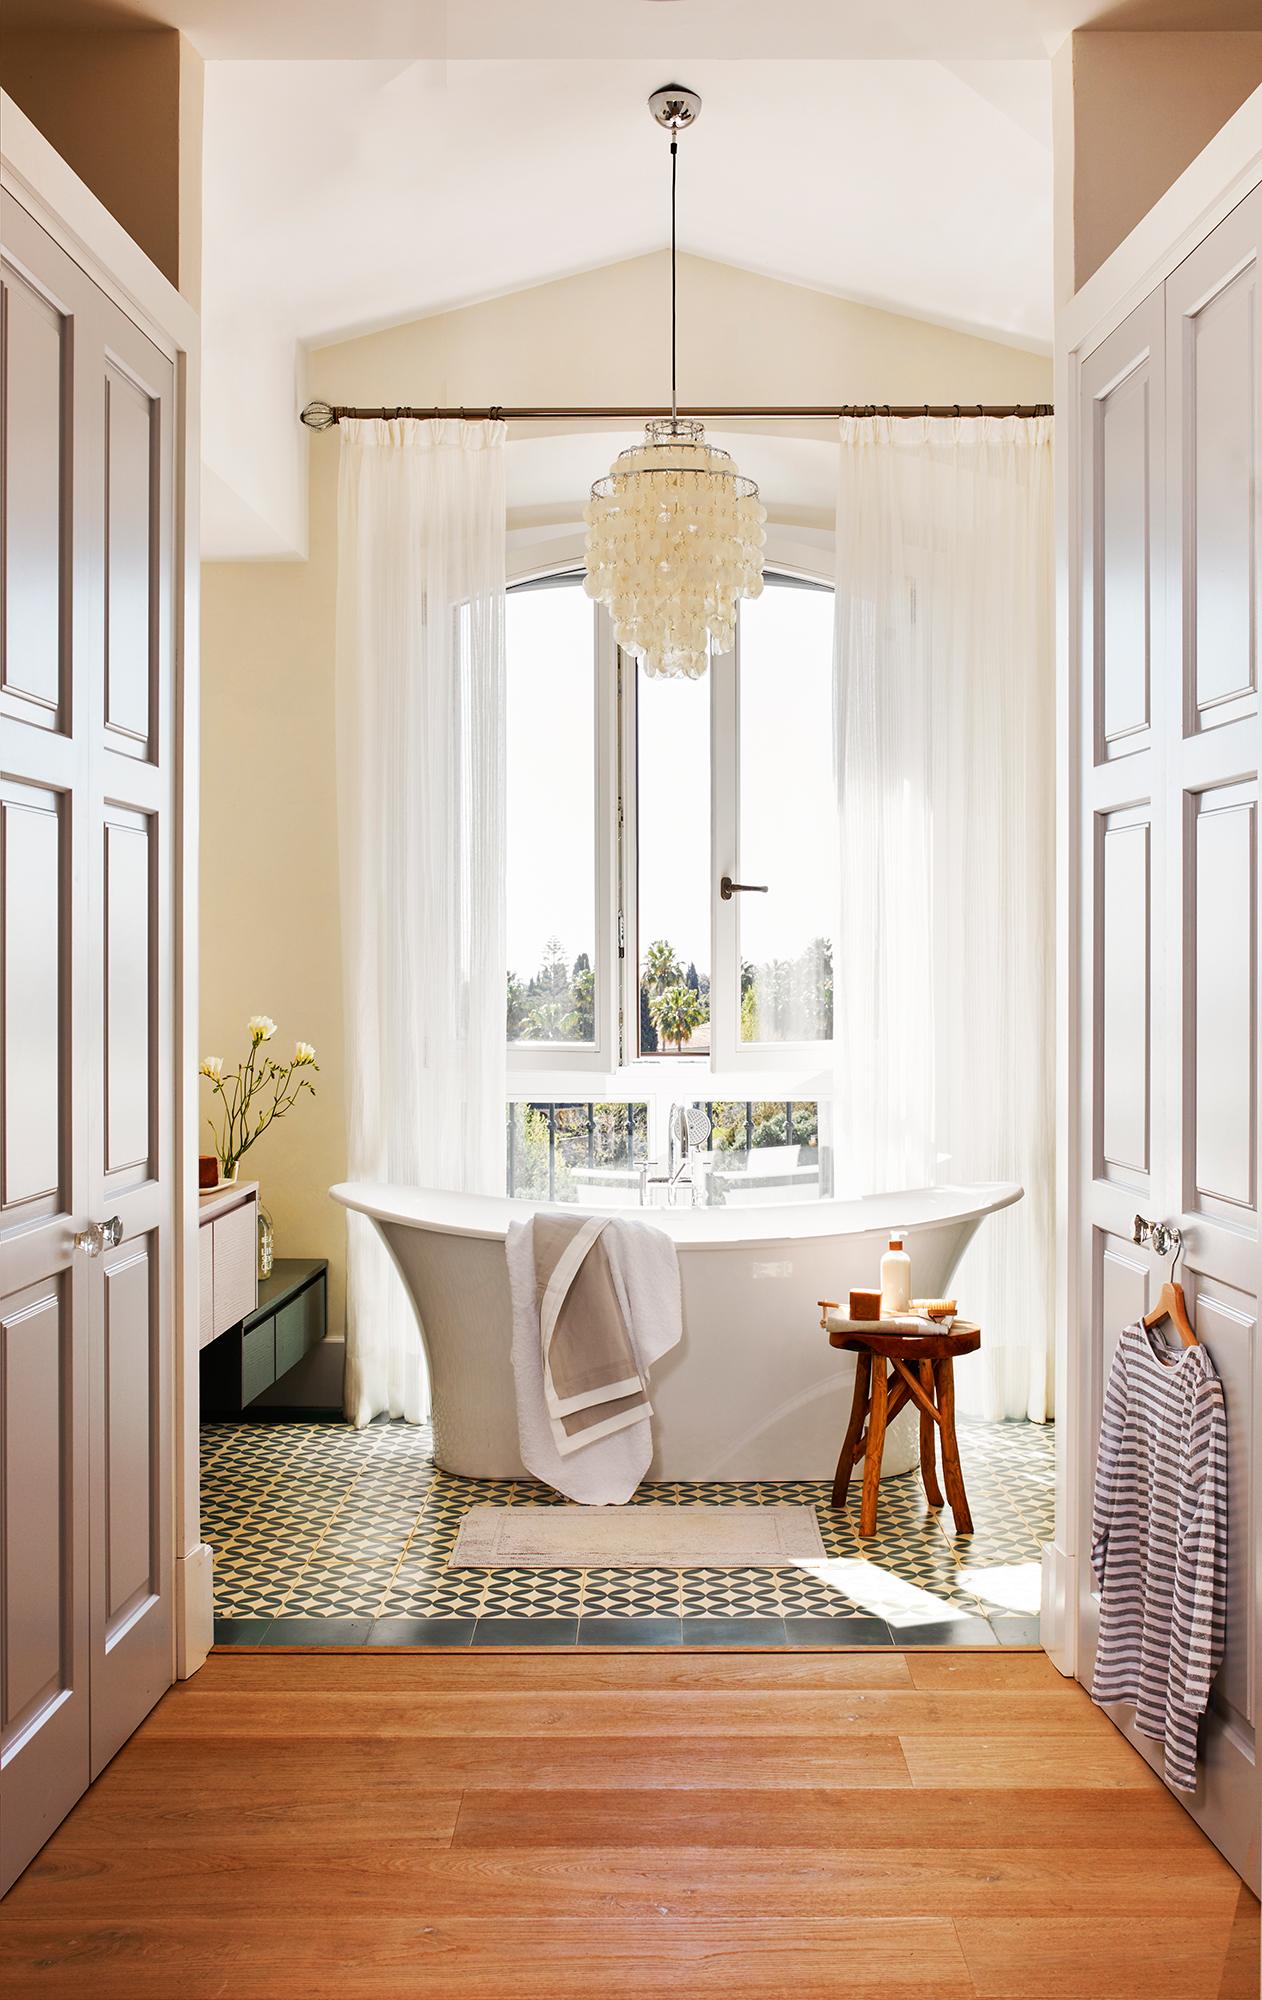 Baño con bañera exenta 428919. Una pieza escultórica 724bcd6f6458